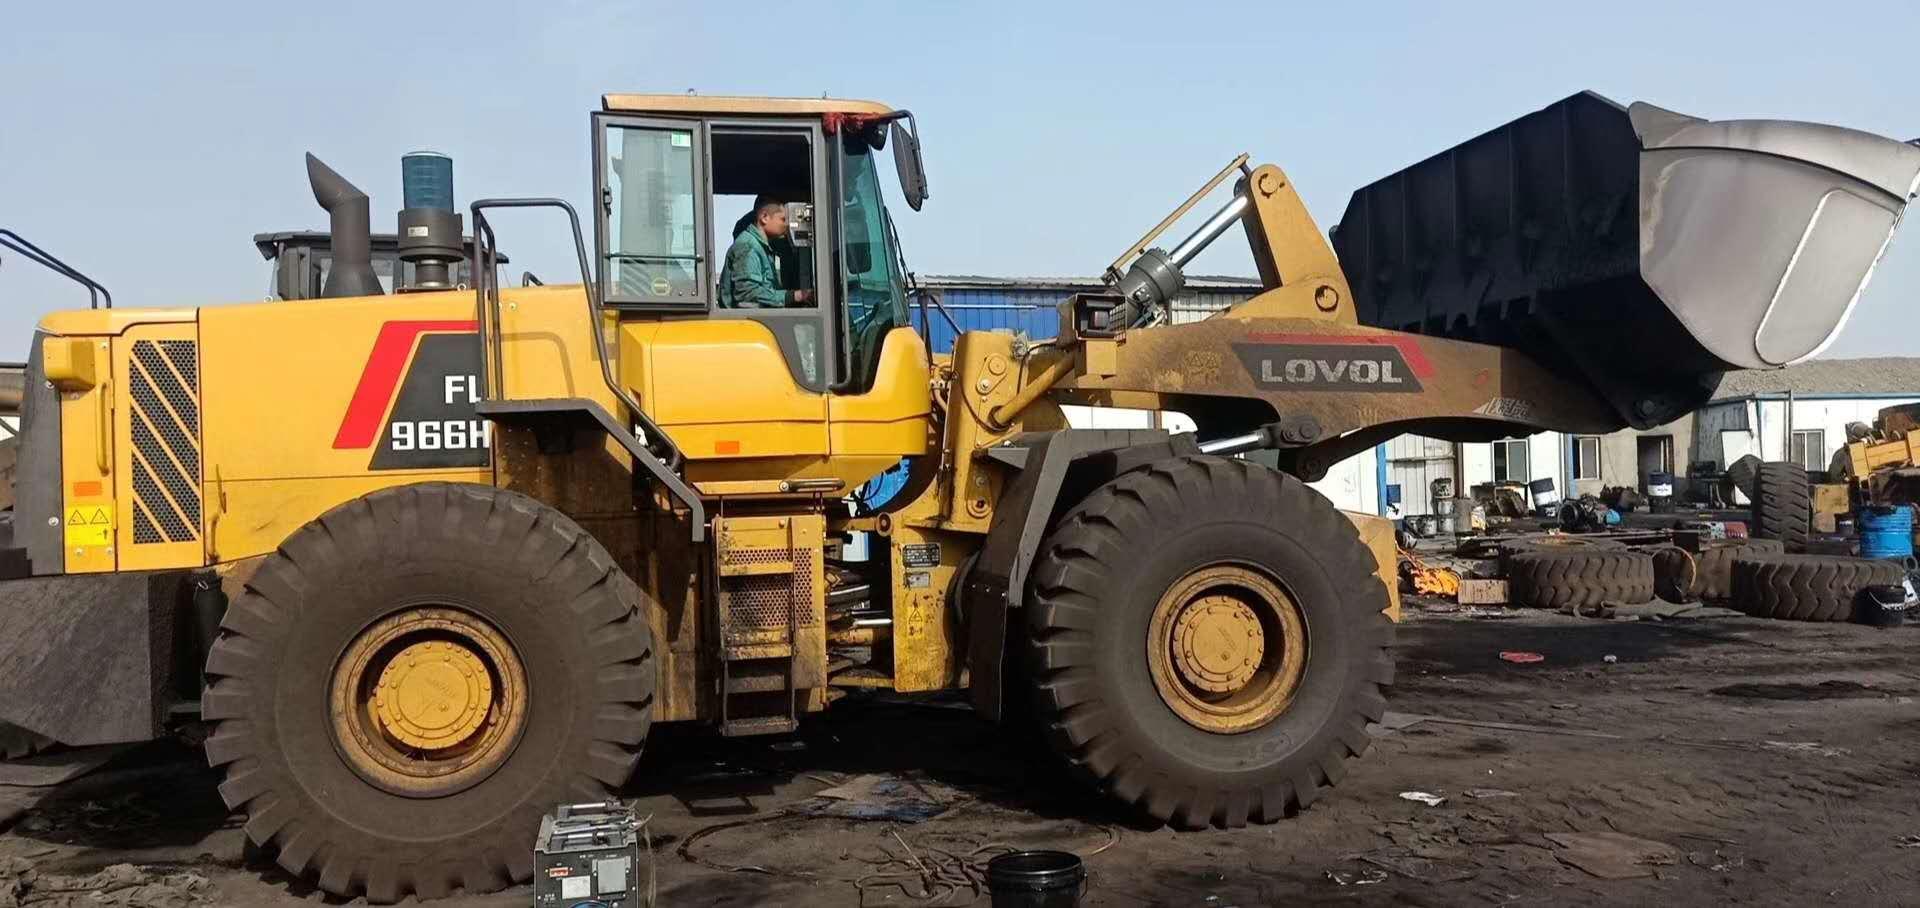 哈密|巴里坤某矿业公司的4台装载机称安装调试完毕